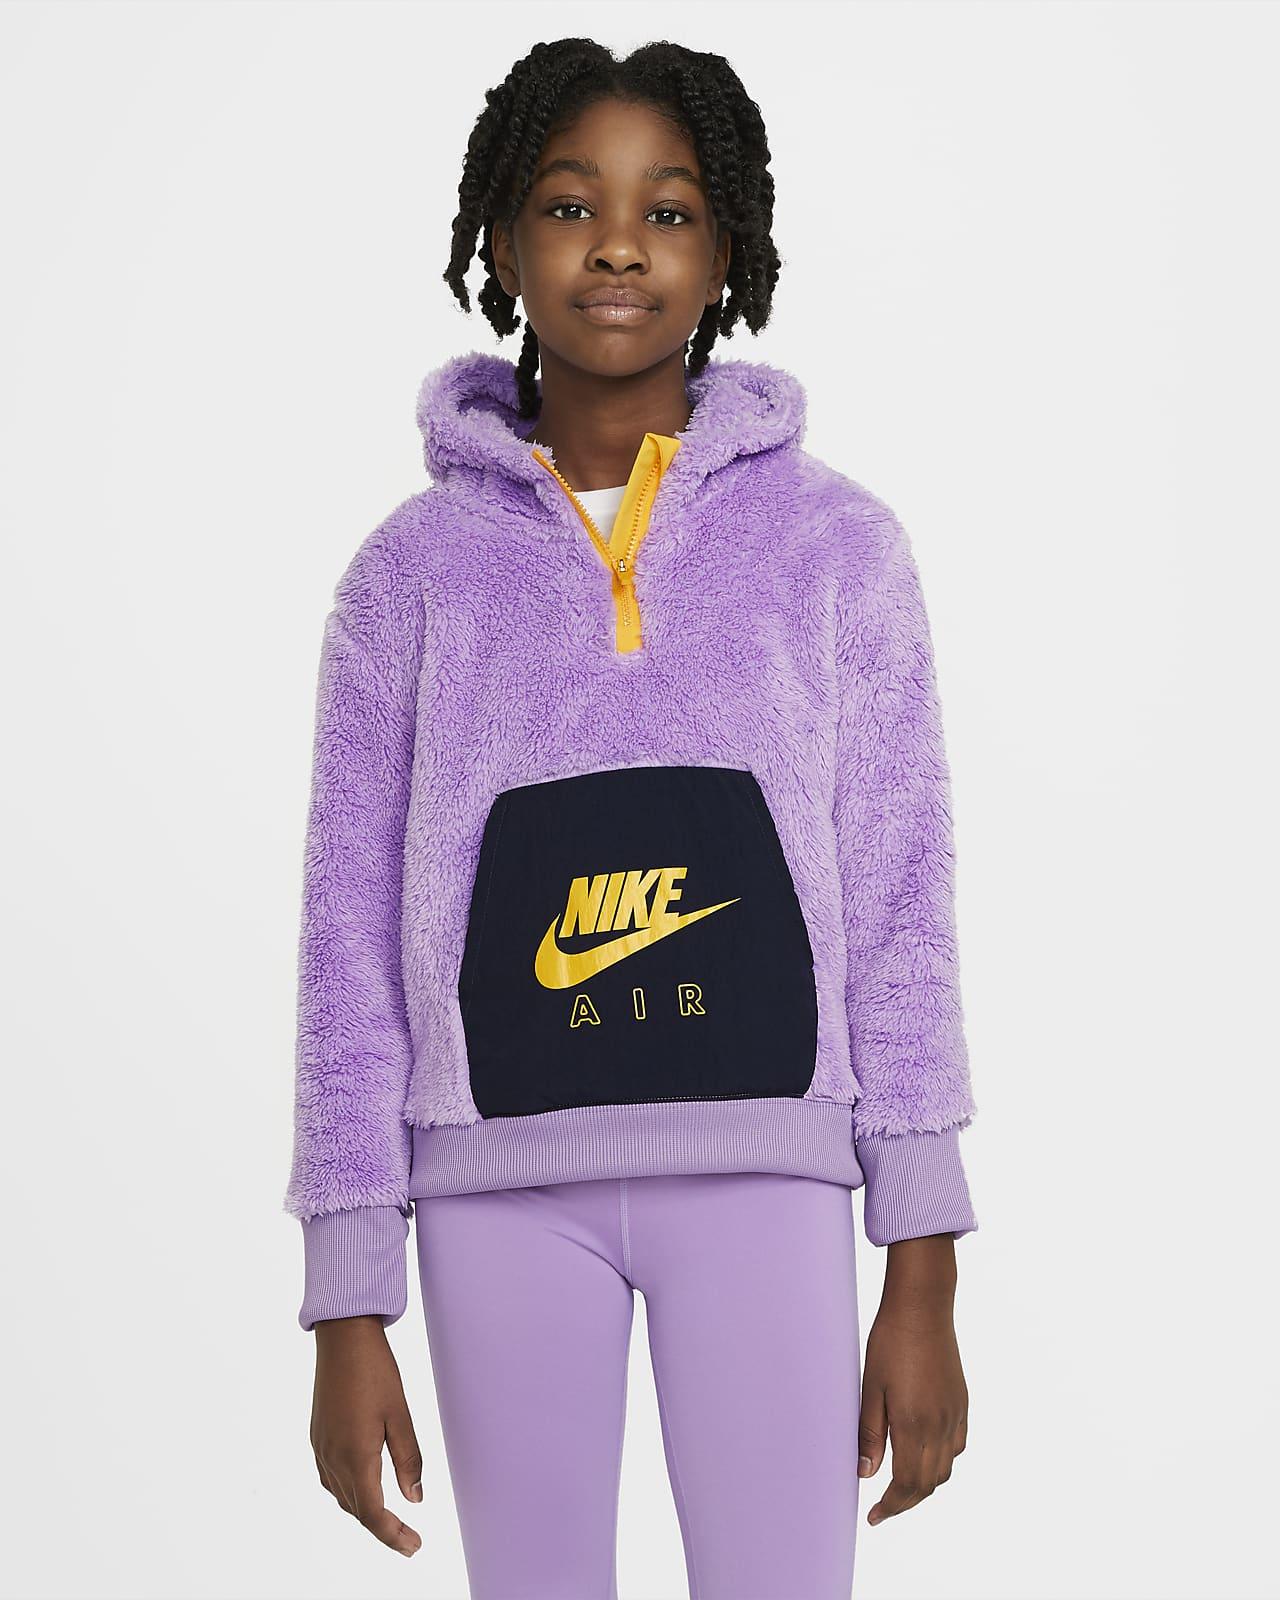 Худи из материала Sherpa для девочек школьного возраста Nike Air